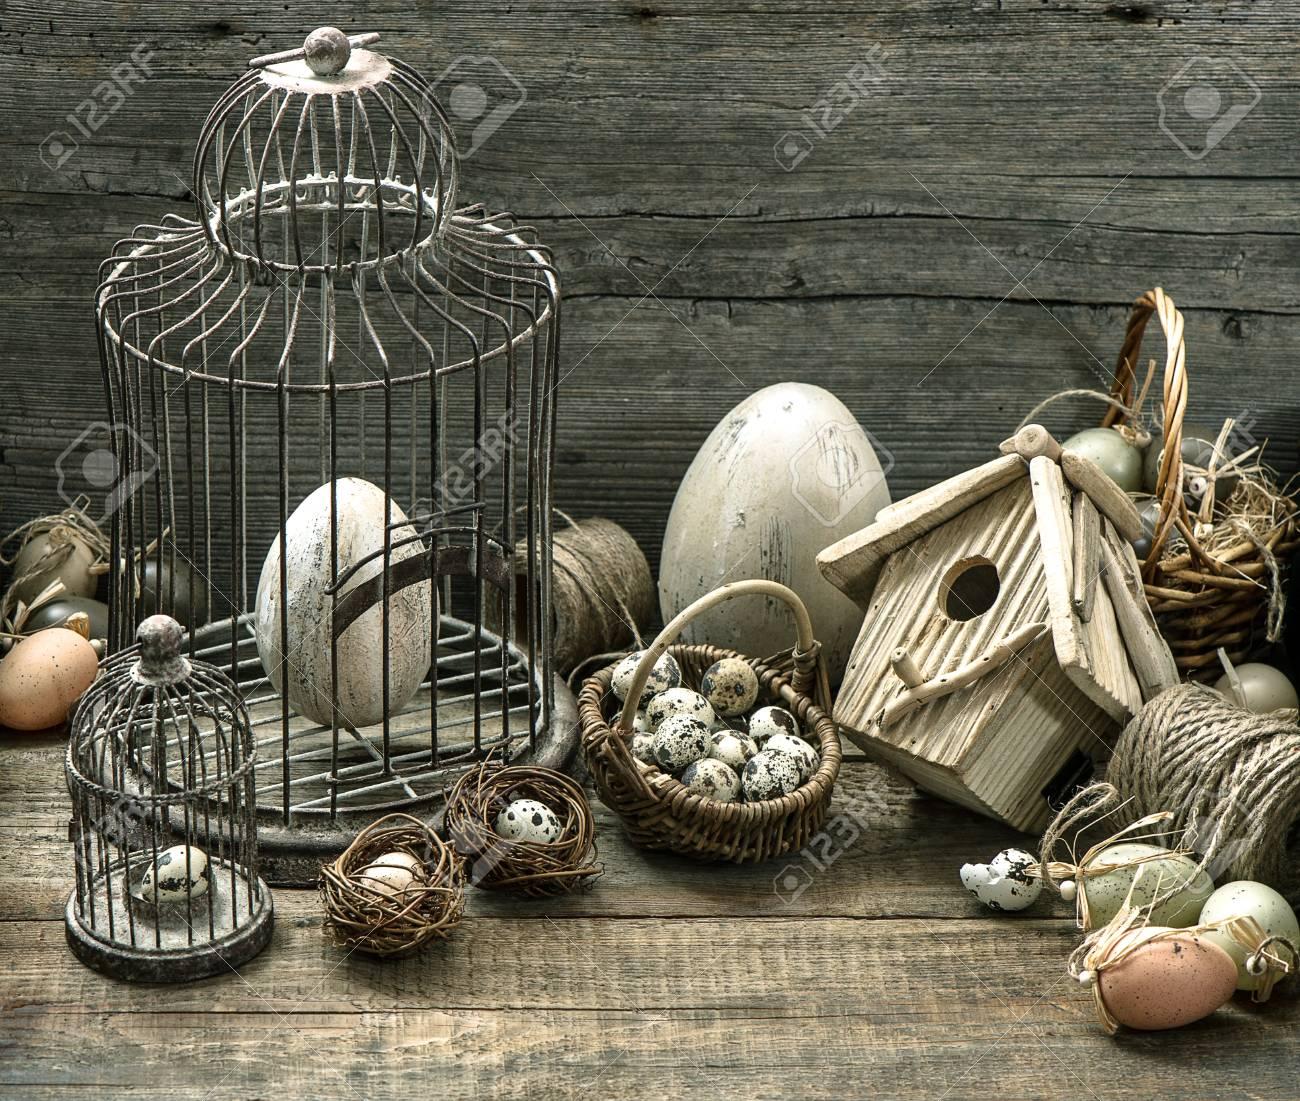 Banque Du0027images   Décoration De Pâques Vintage Avec Des Oeufs, Volière Et  Cage à Oiseaux. Intérieur De La Maison De La Vie Nostalgique Encore. Fond  En Bois